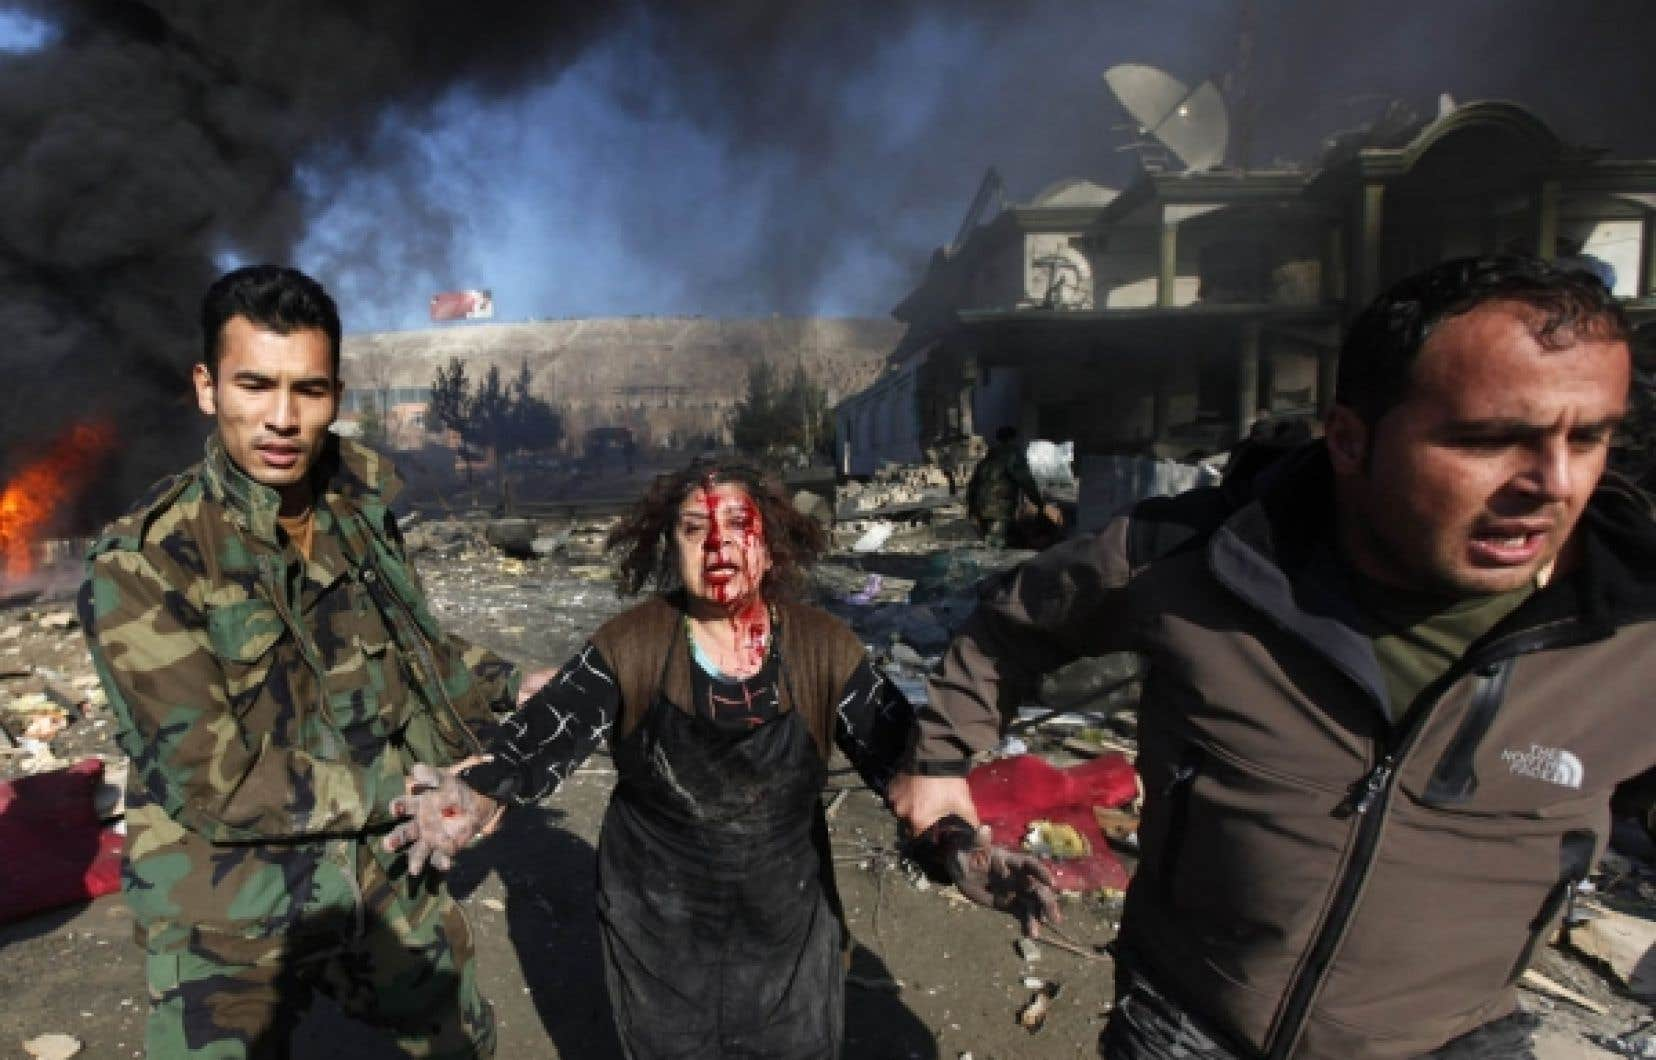 La fréquence des actes de violence ne fait qu'augmenter en Afghanistan. Ci-dessus: un attentat terroriste à Kaboul en 2009.<br />